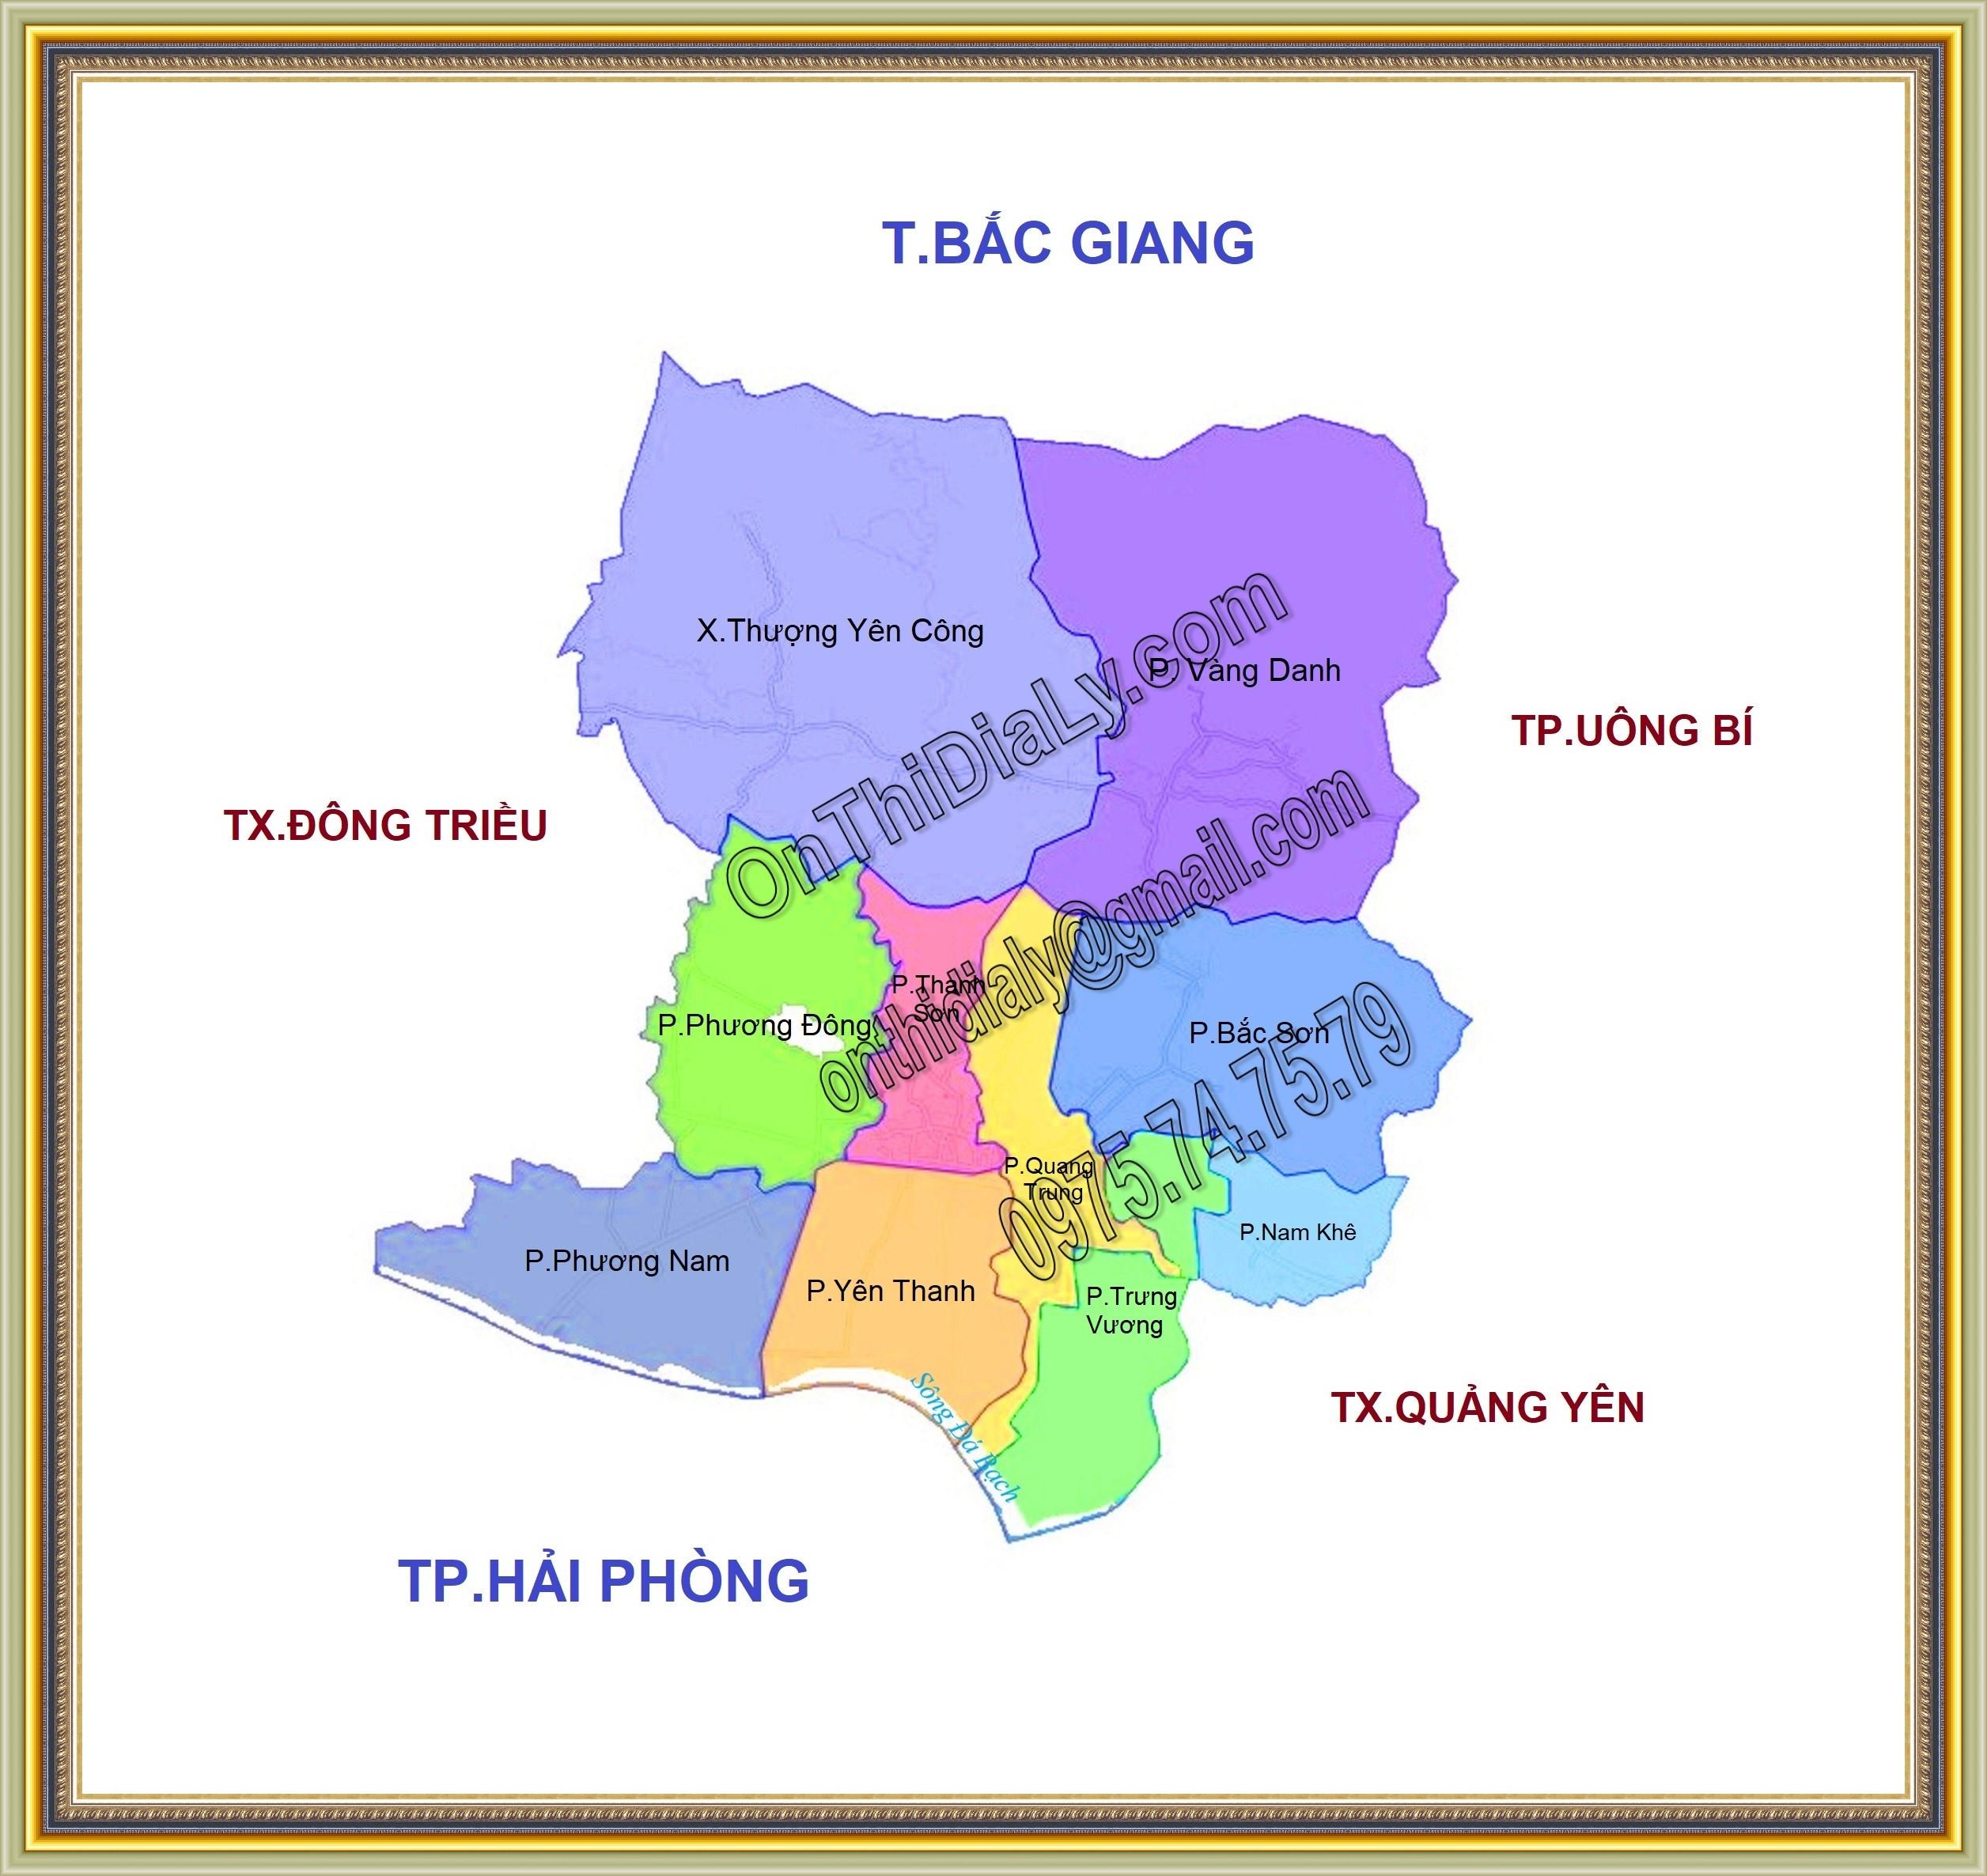 Bản đồ Thành phố Uông Bí, tỉnh Quảng Ninh